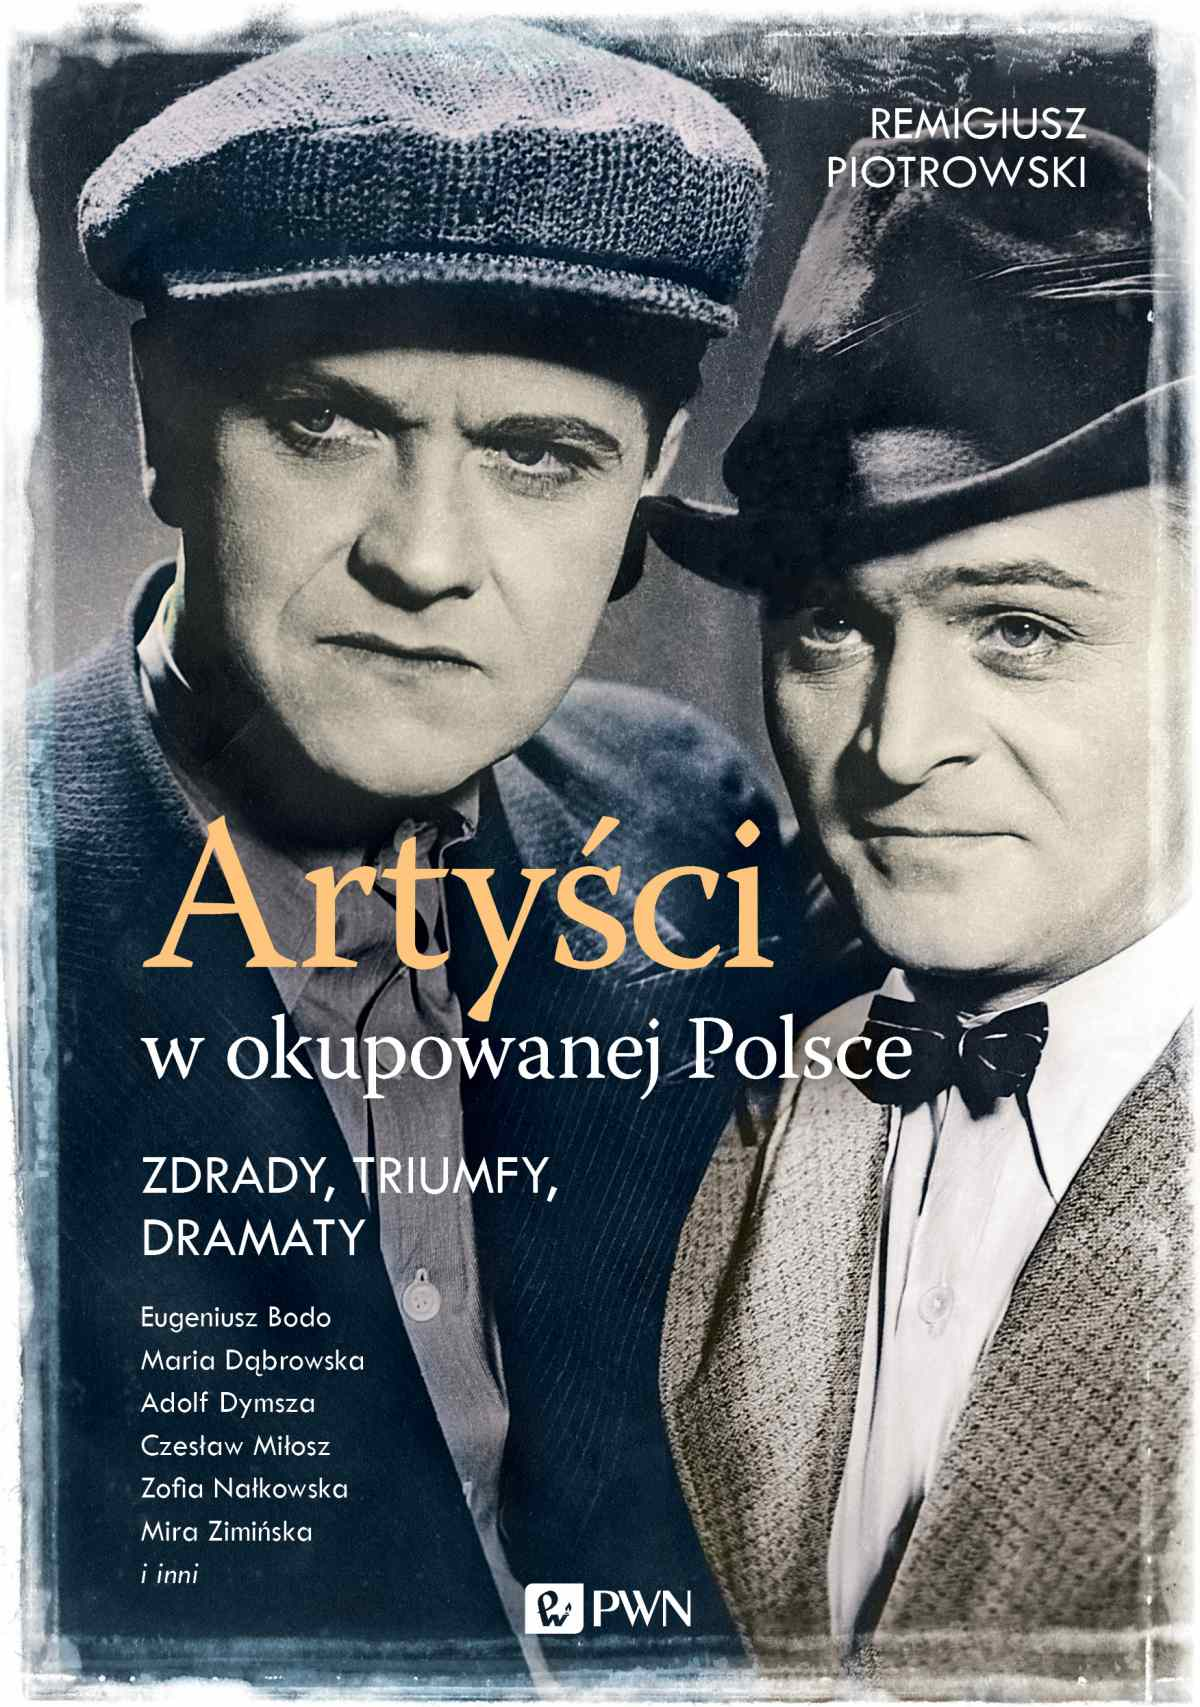 Artyści w okupowanej Polsce. Zdrady, triumfy, dramaty - Ebook (Książka EPUB) do pobrania w formacie EPUB